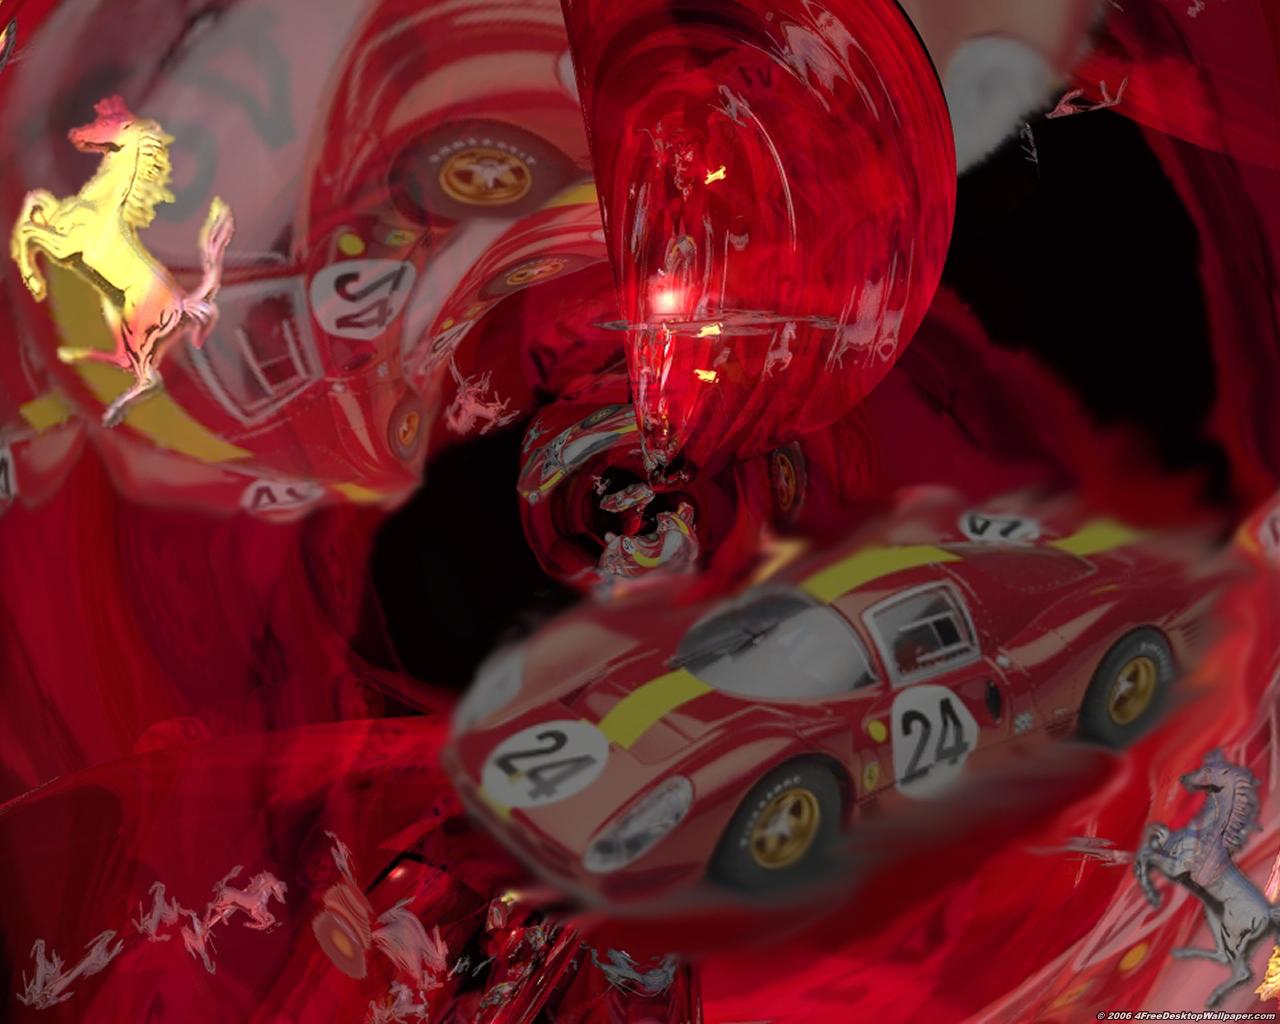 http://3.bp.blogspot.com/-Zz-edZPb7_M/UGCDB4U6ZUI/AAAAAAAACQw/siZVHo58Pf8/s1600/ferrari-wallpaper-13.jpg